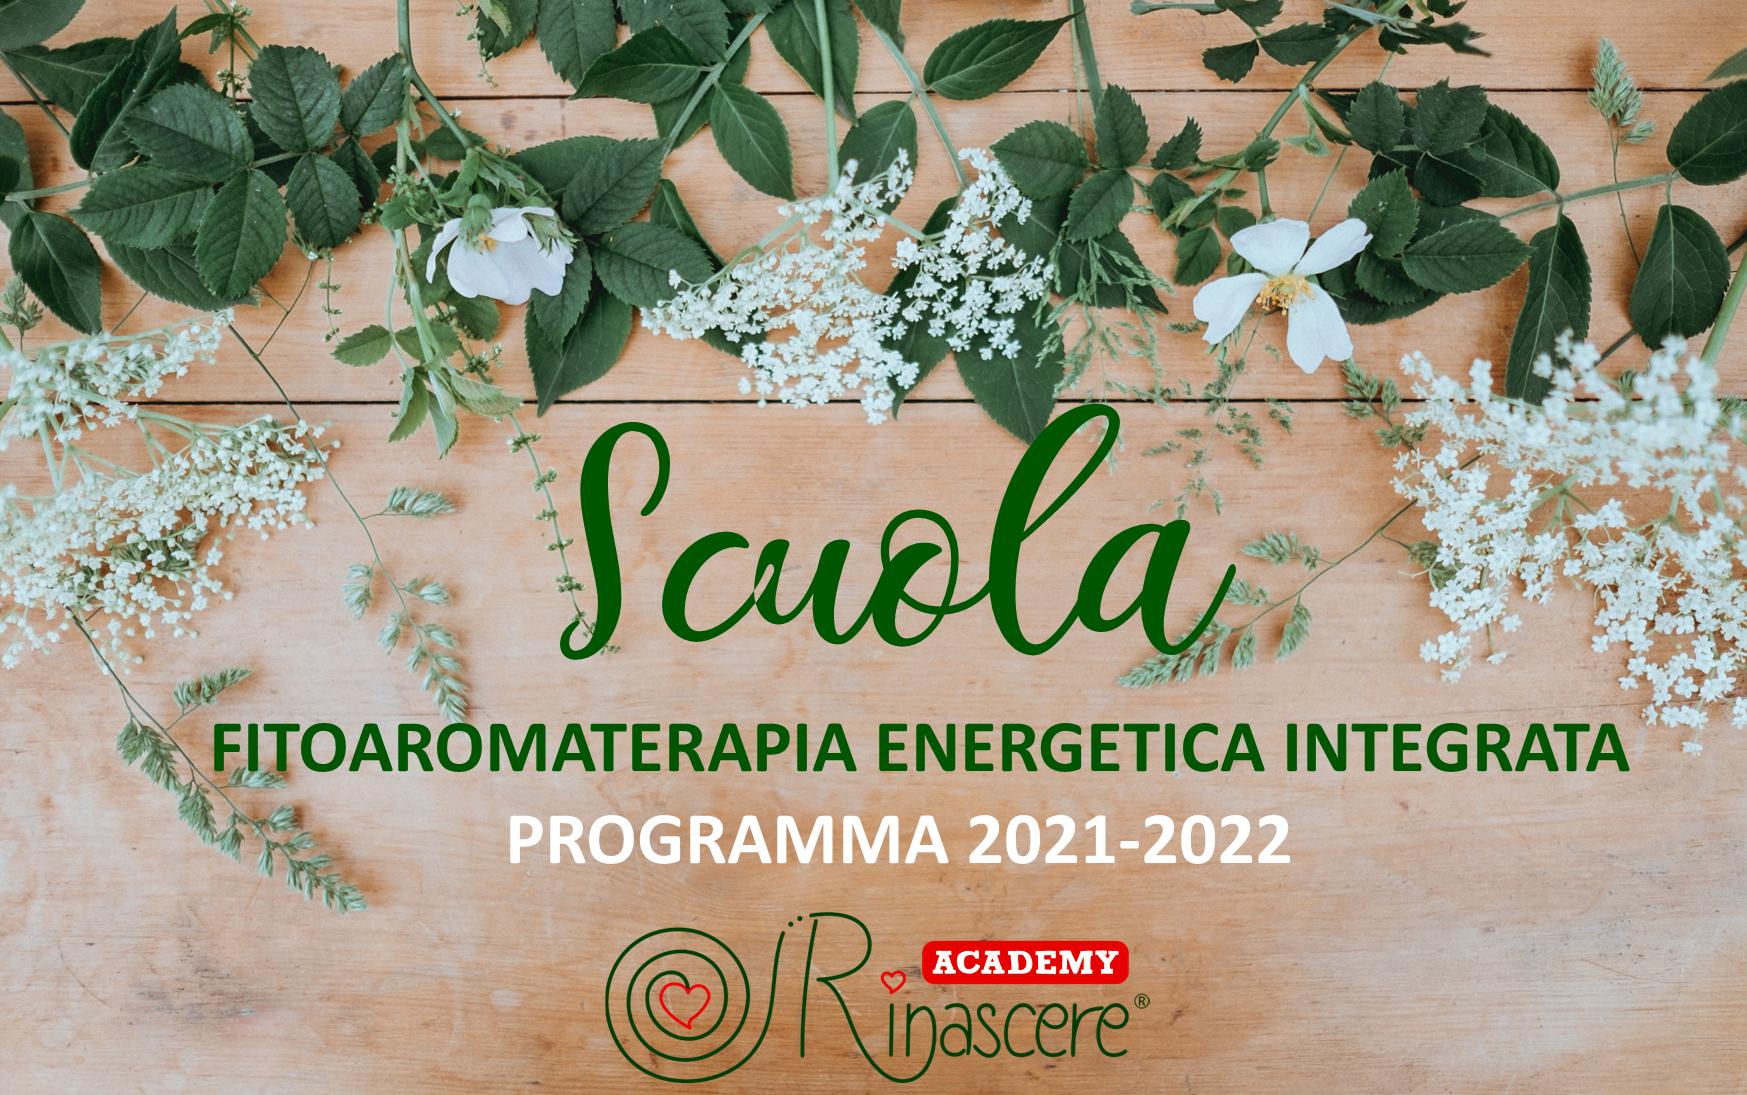 SCUOLA FITOAROMATERAPIA ENERGETICA INTEGRATA  ONLINE